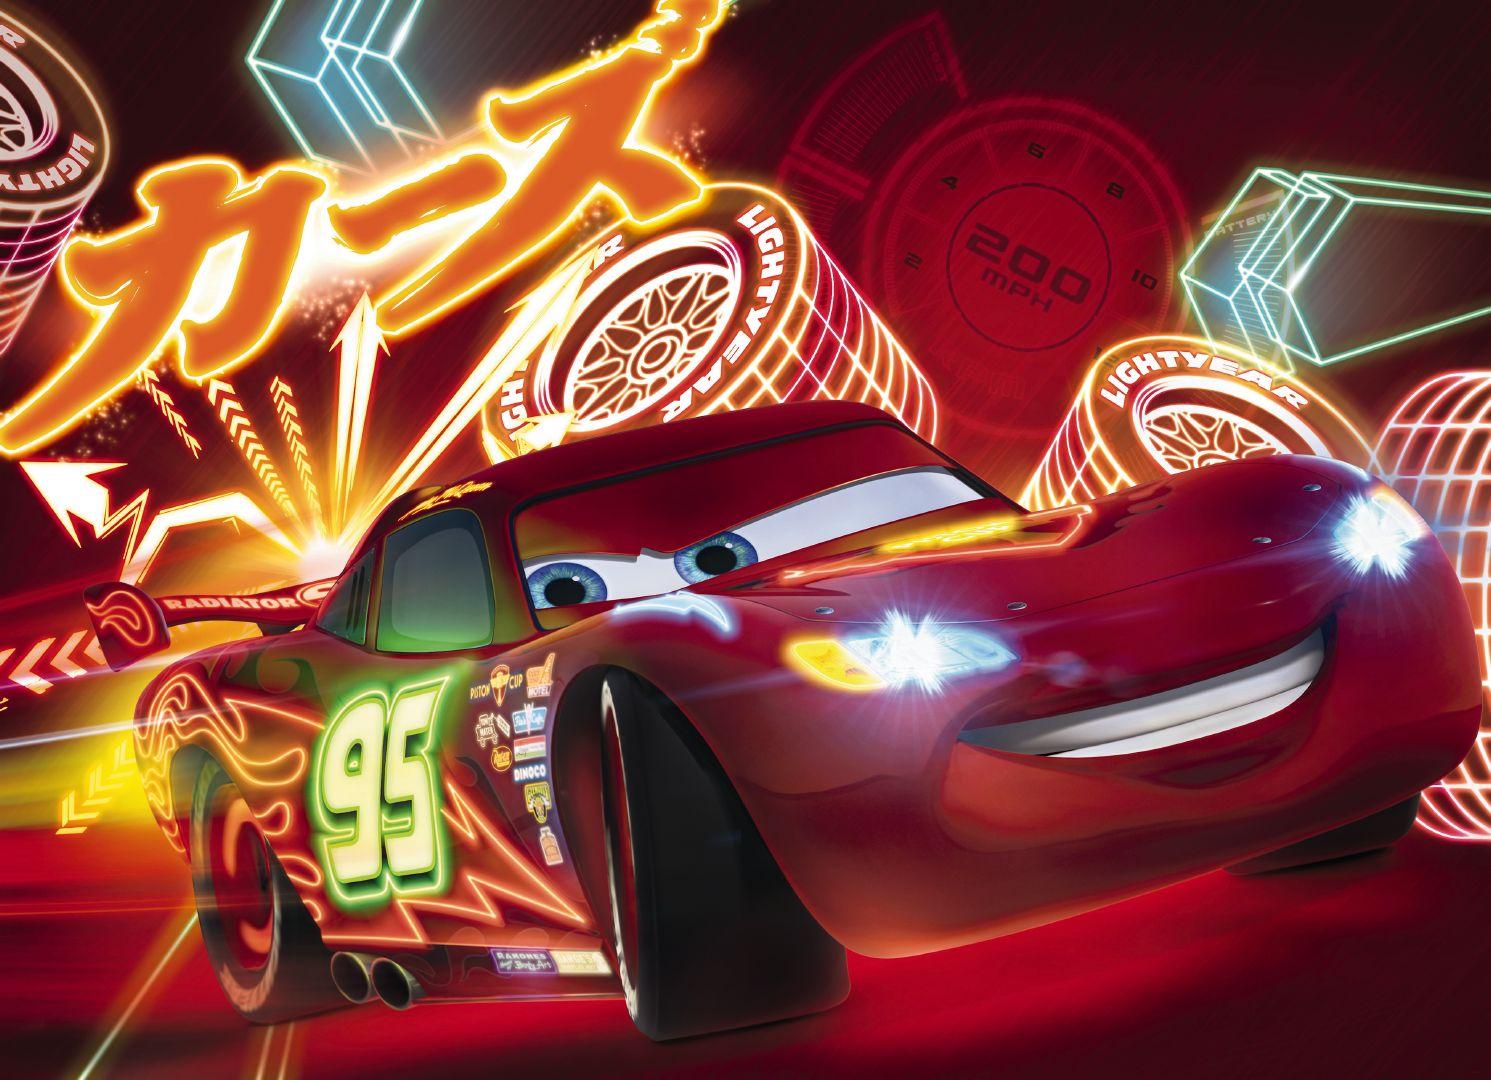 Fototapeta čtyřdílná - neon Cars